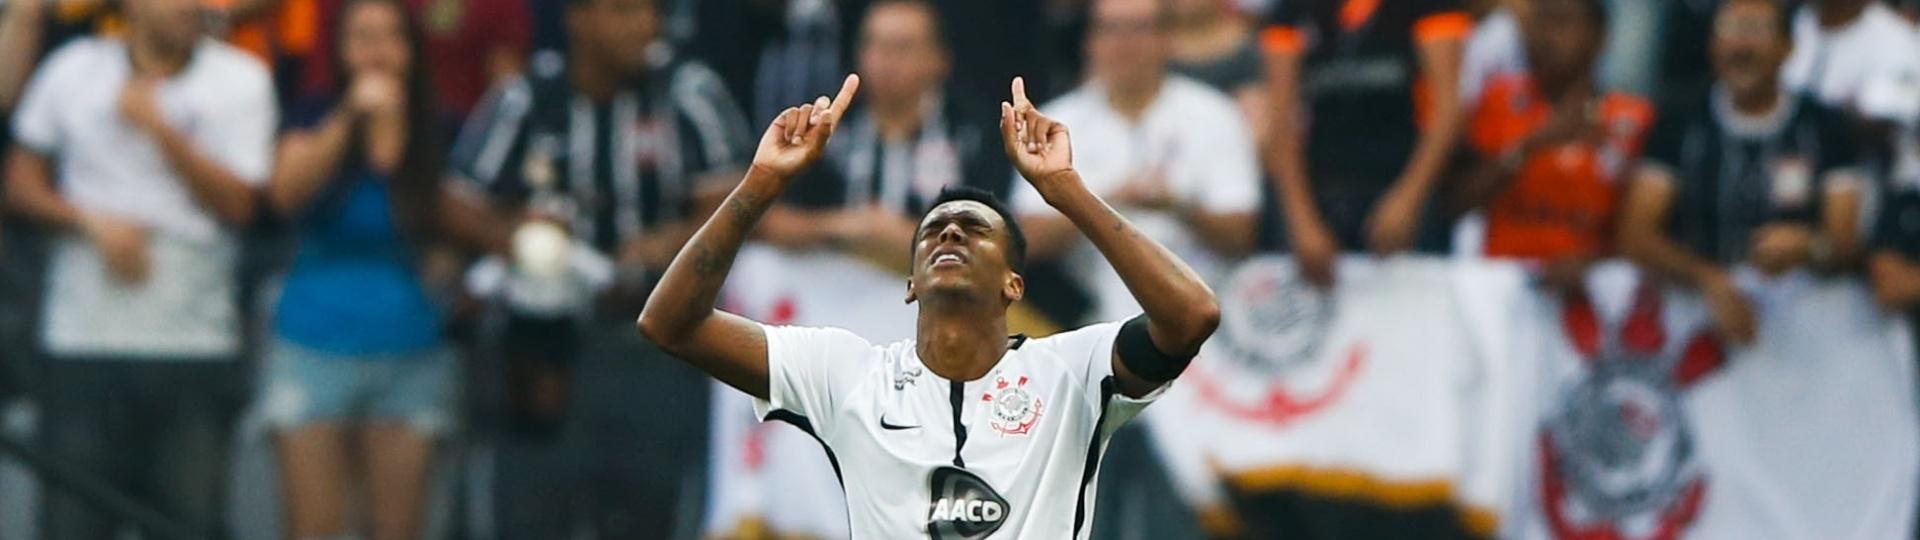 Jô, do Corinthians, comemora gol contra o Vasco (17/09/2017)